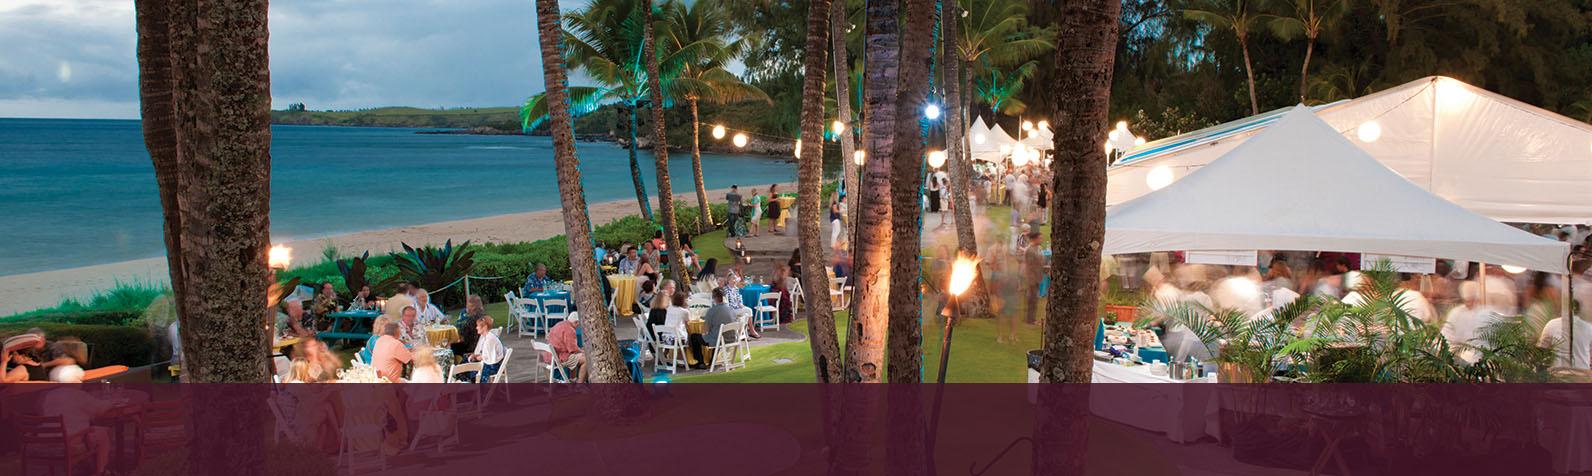 Kapalua Wine and Food Festival Maui Hawaii